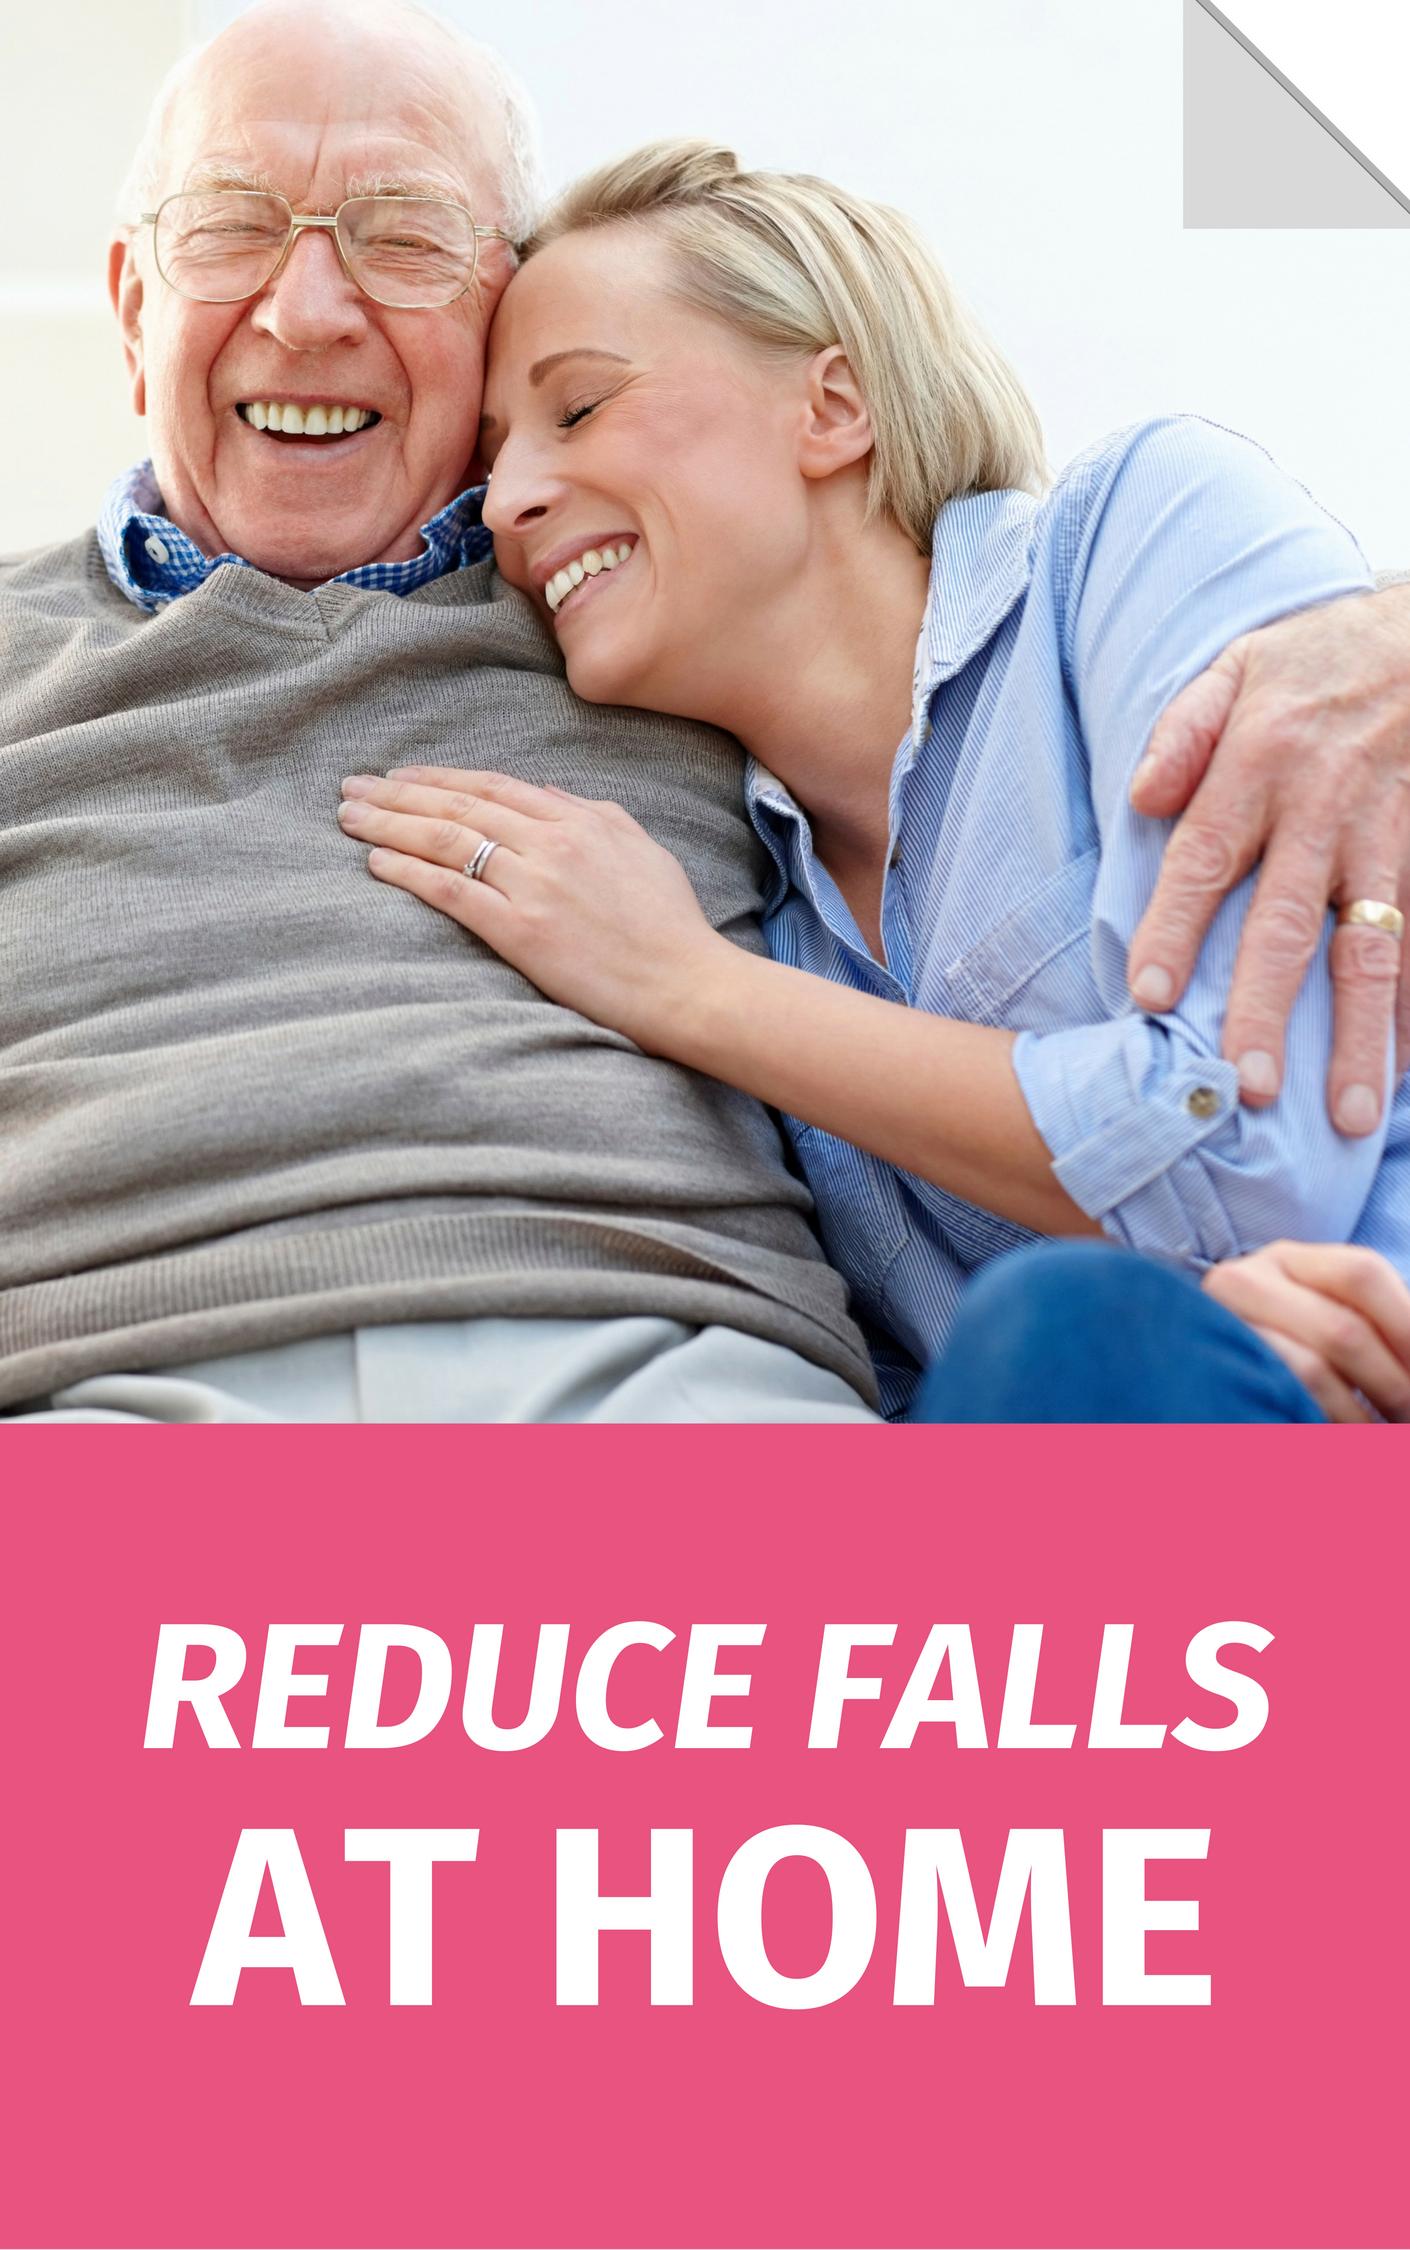 Reduce Falls at Home